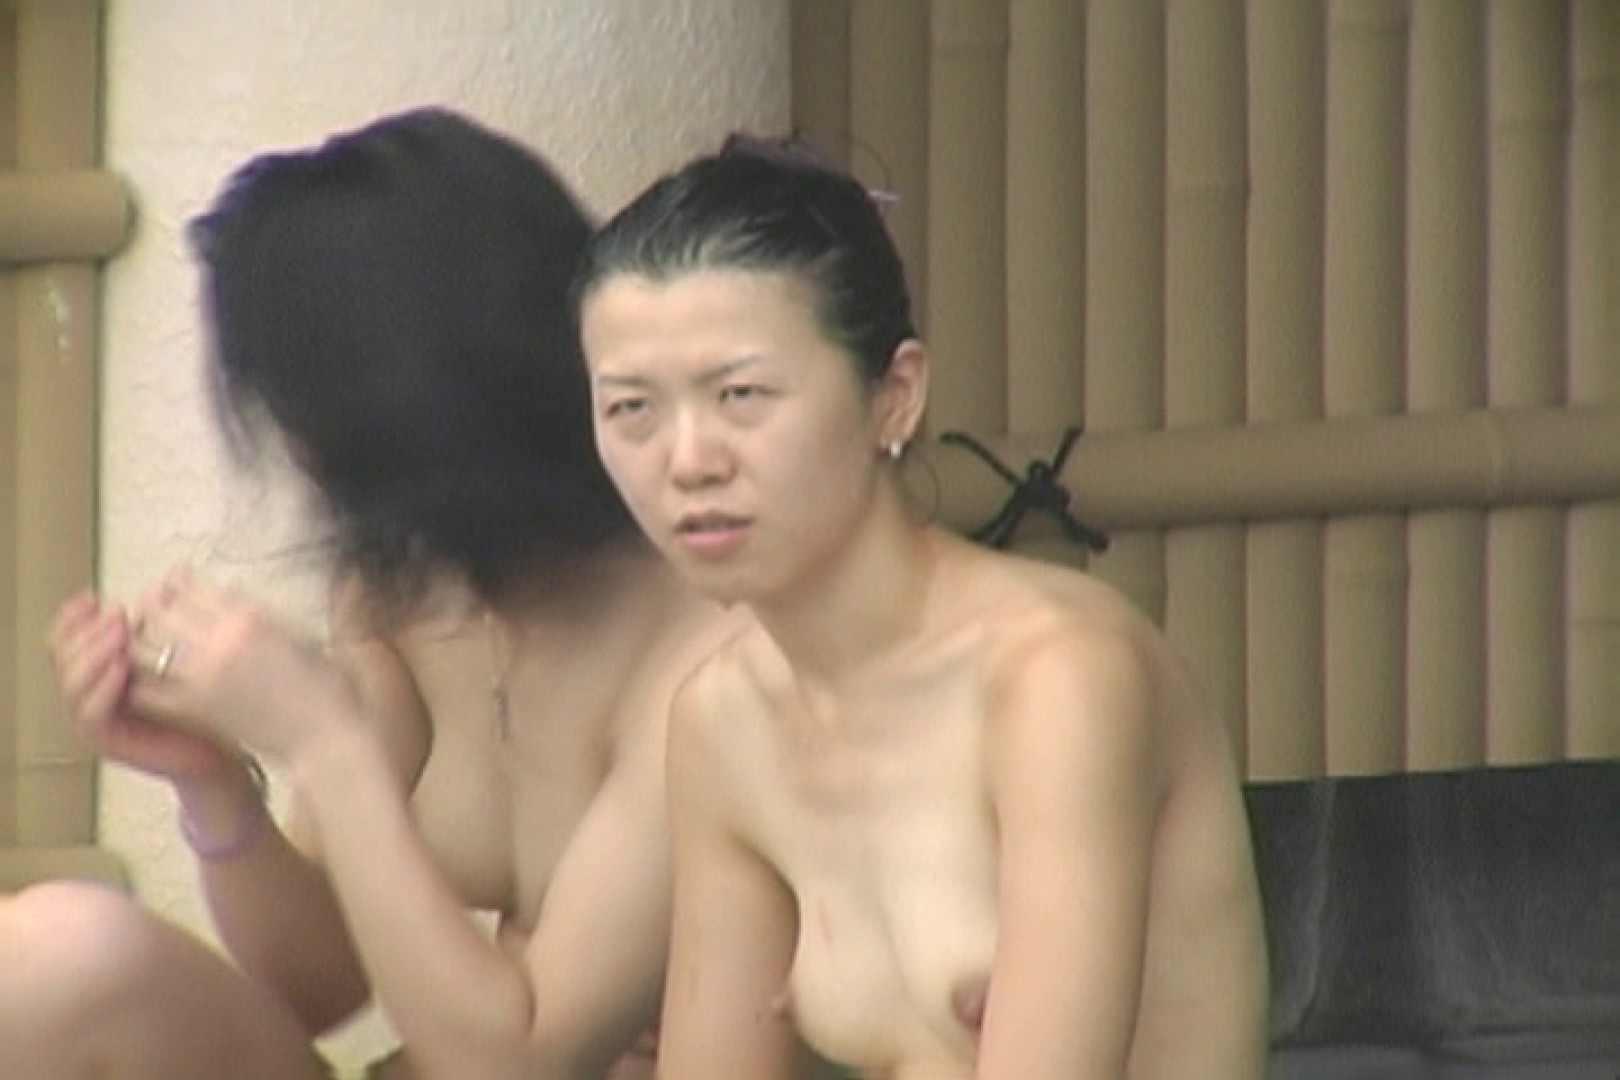 Aquaな露天風呂Vol.638 0   0  88pic 57